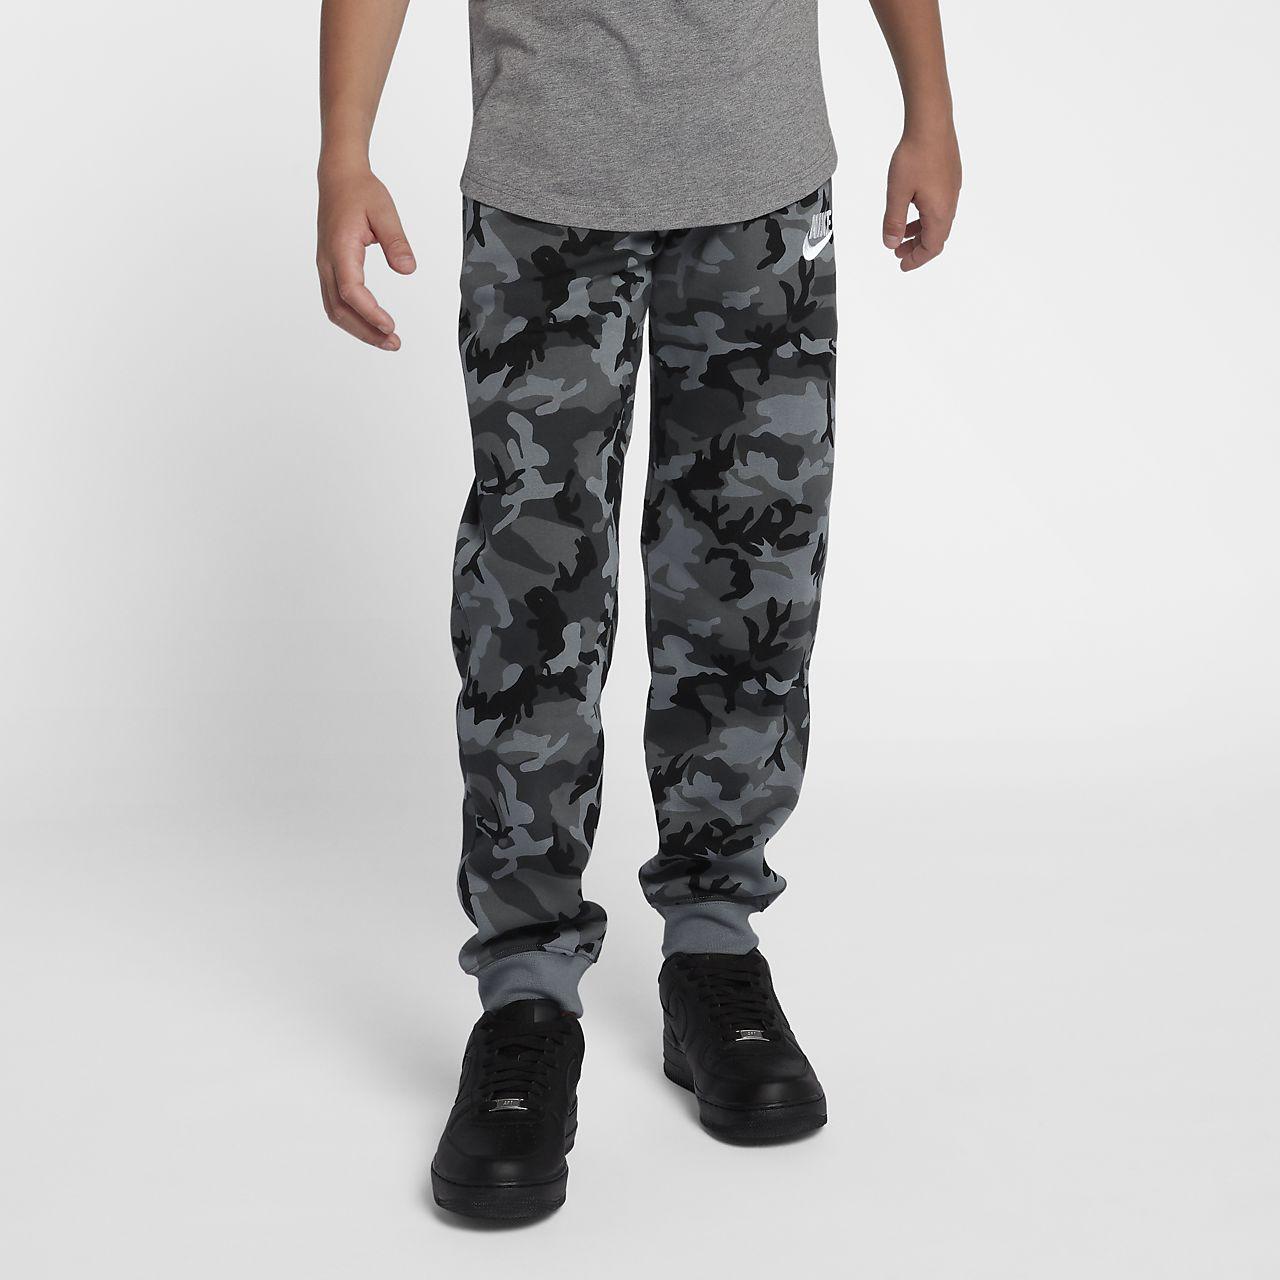 Джоггеры с принтом для мальчиков школьного возраста Nike Sportswear Club Fleece